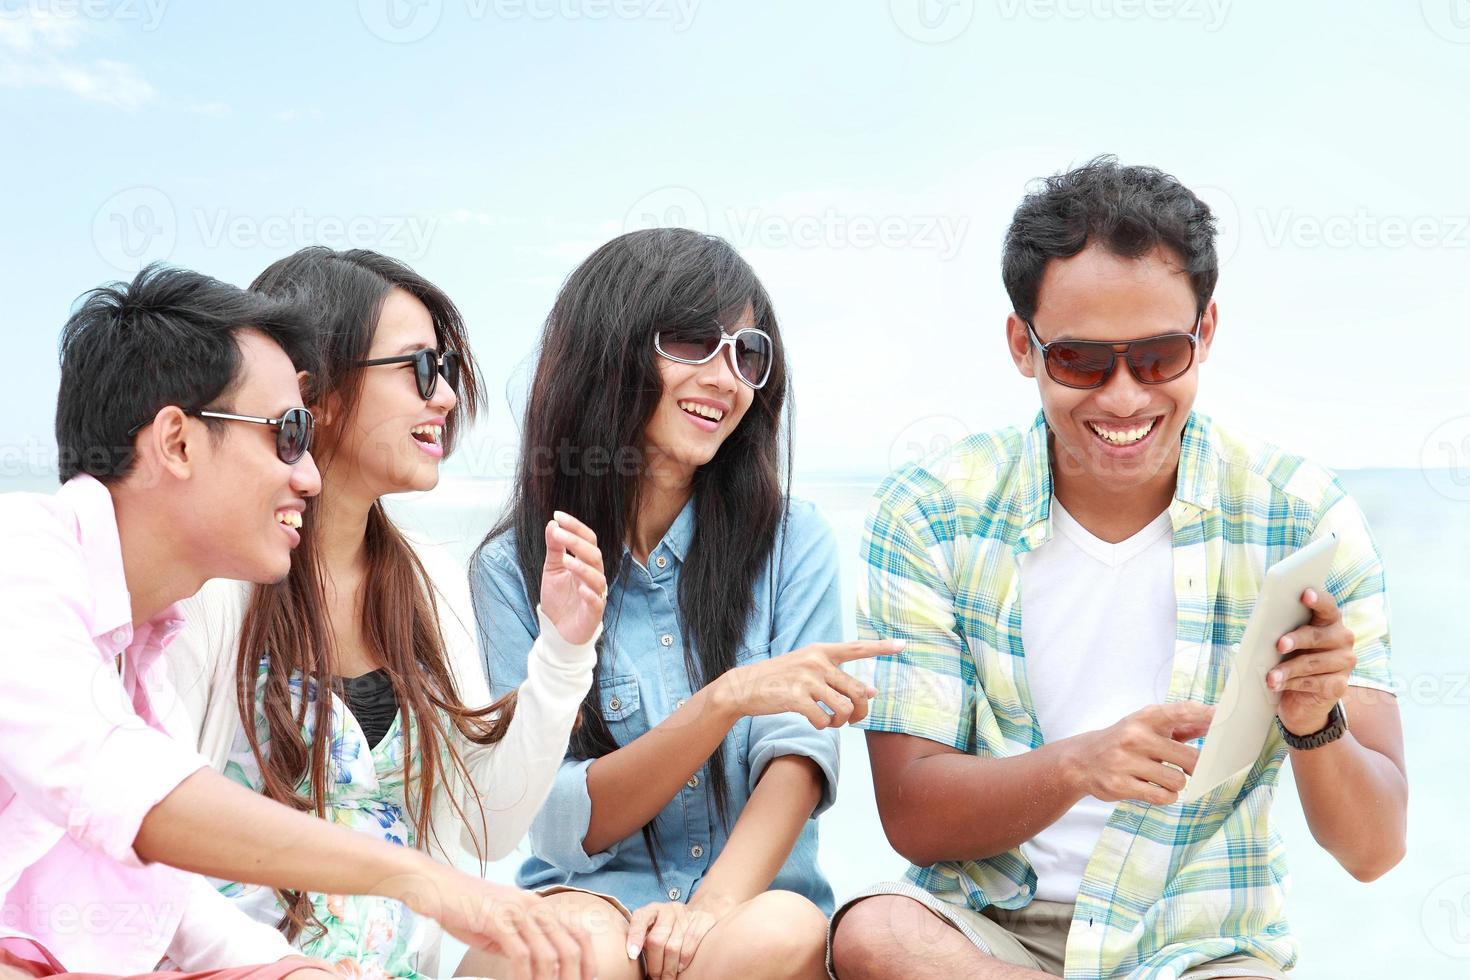 Gruppenfreunde genießen Strandurlaub zusammen mit Tablet PC foto